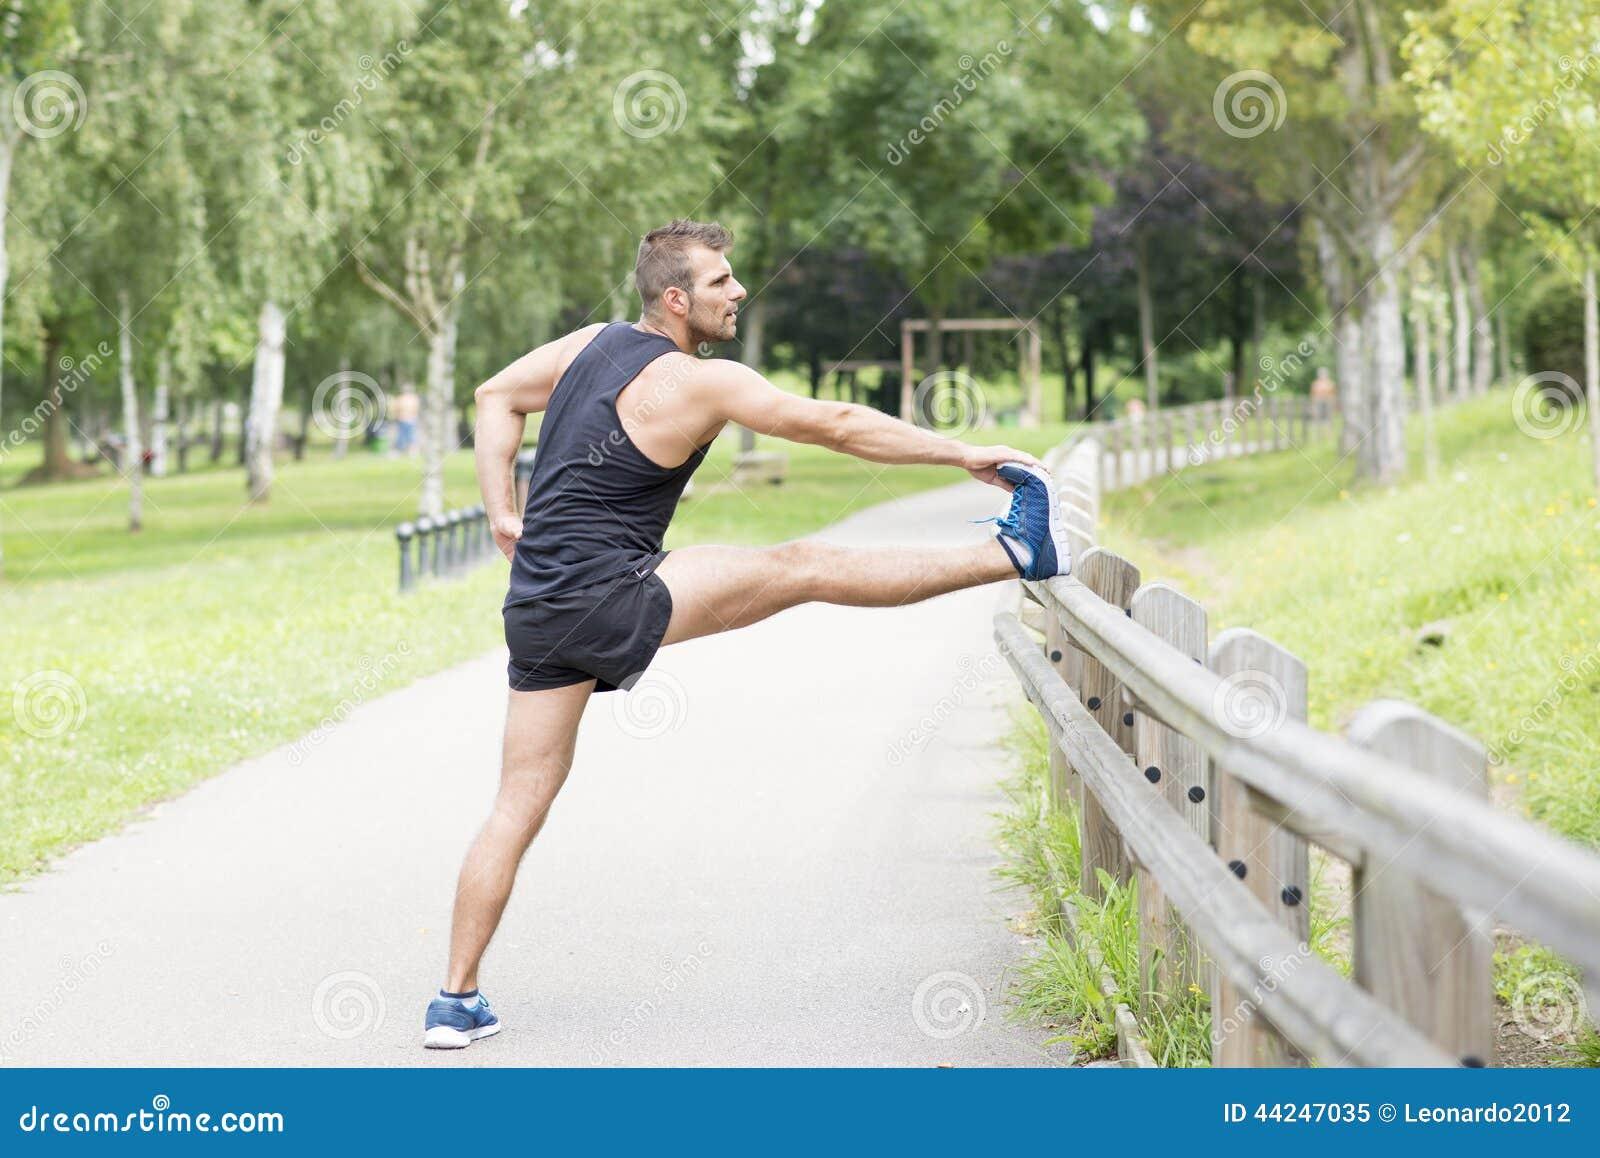 Homem atlético que faz estiramentos antes de exercitar, exterior